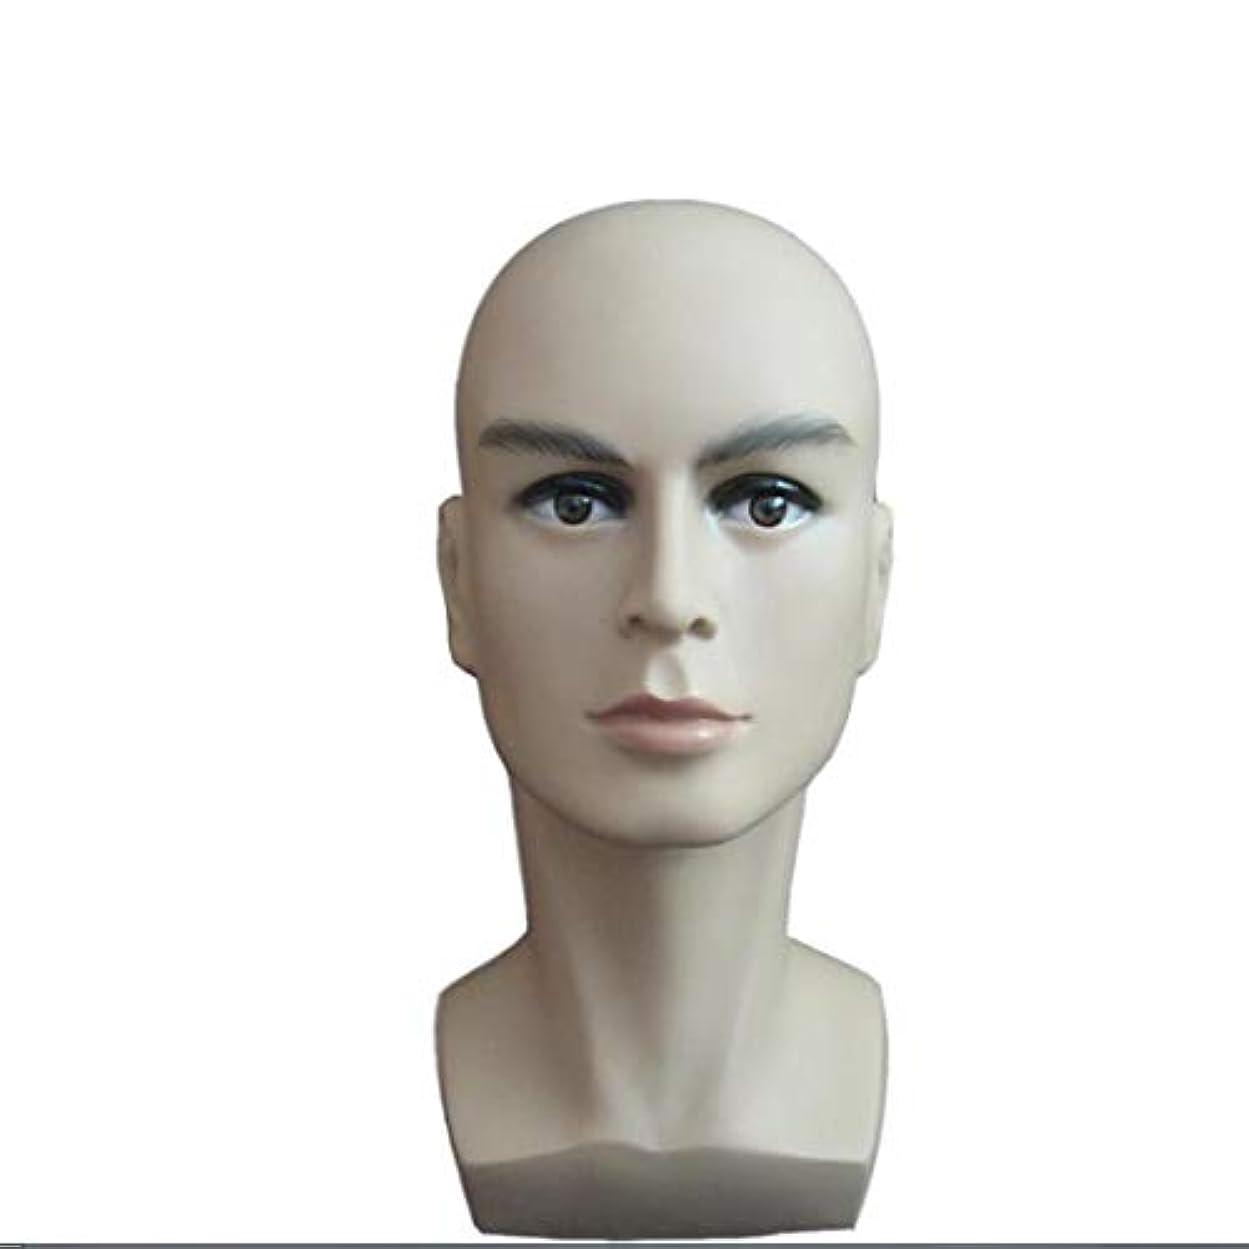 エージェント実施する矛盾するPVCヘッド型トレーニングマネキンフラットヘッド練習、ヘッド美容男性ヘッド型メガネ&caphatショーマネキンヘッド ヘアケア (Style : A-Skin tone)